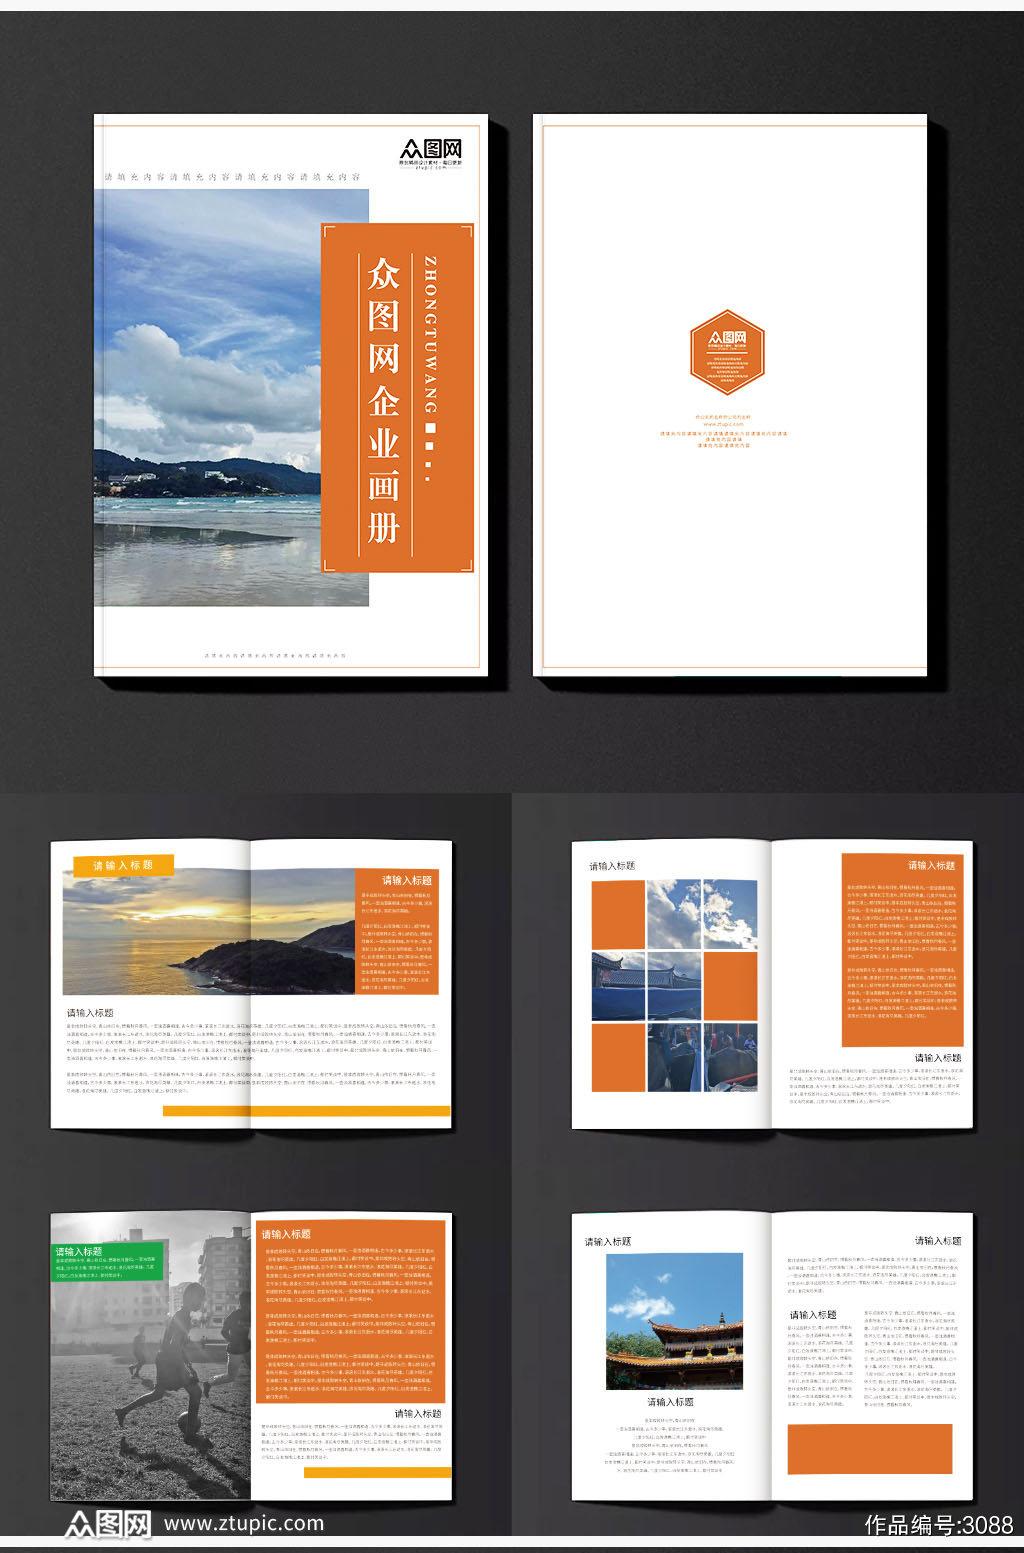 大气蓝色商务风格公司集企业宣传册企业画册素材